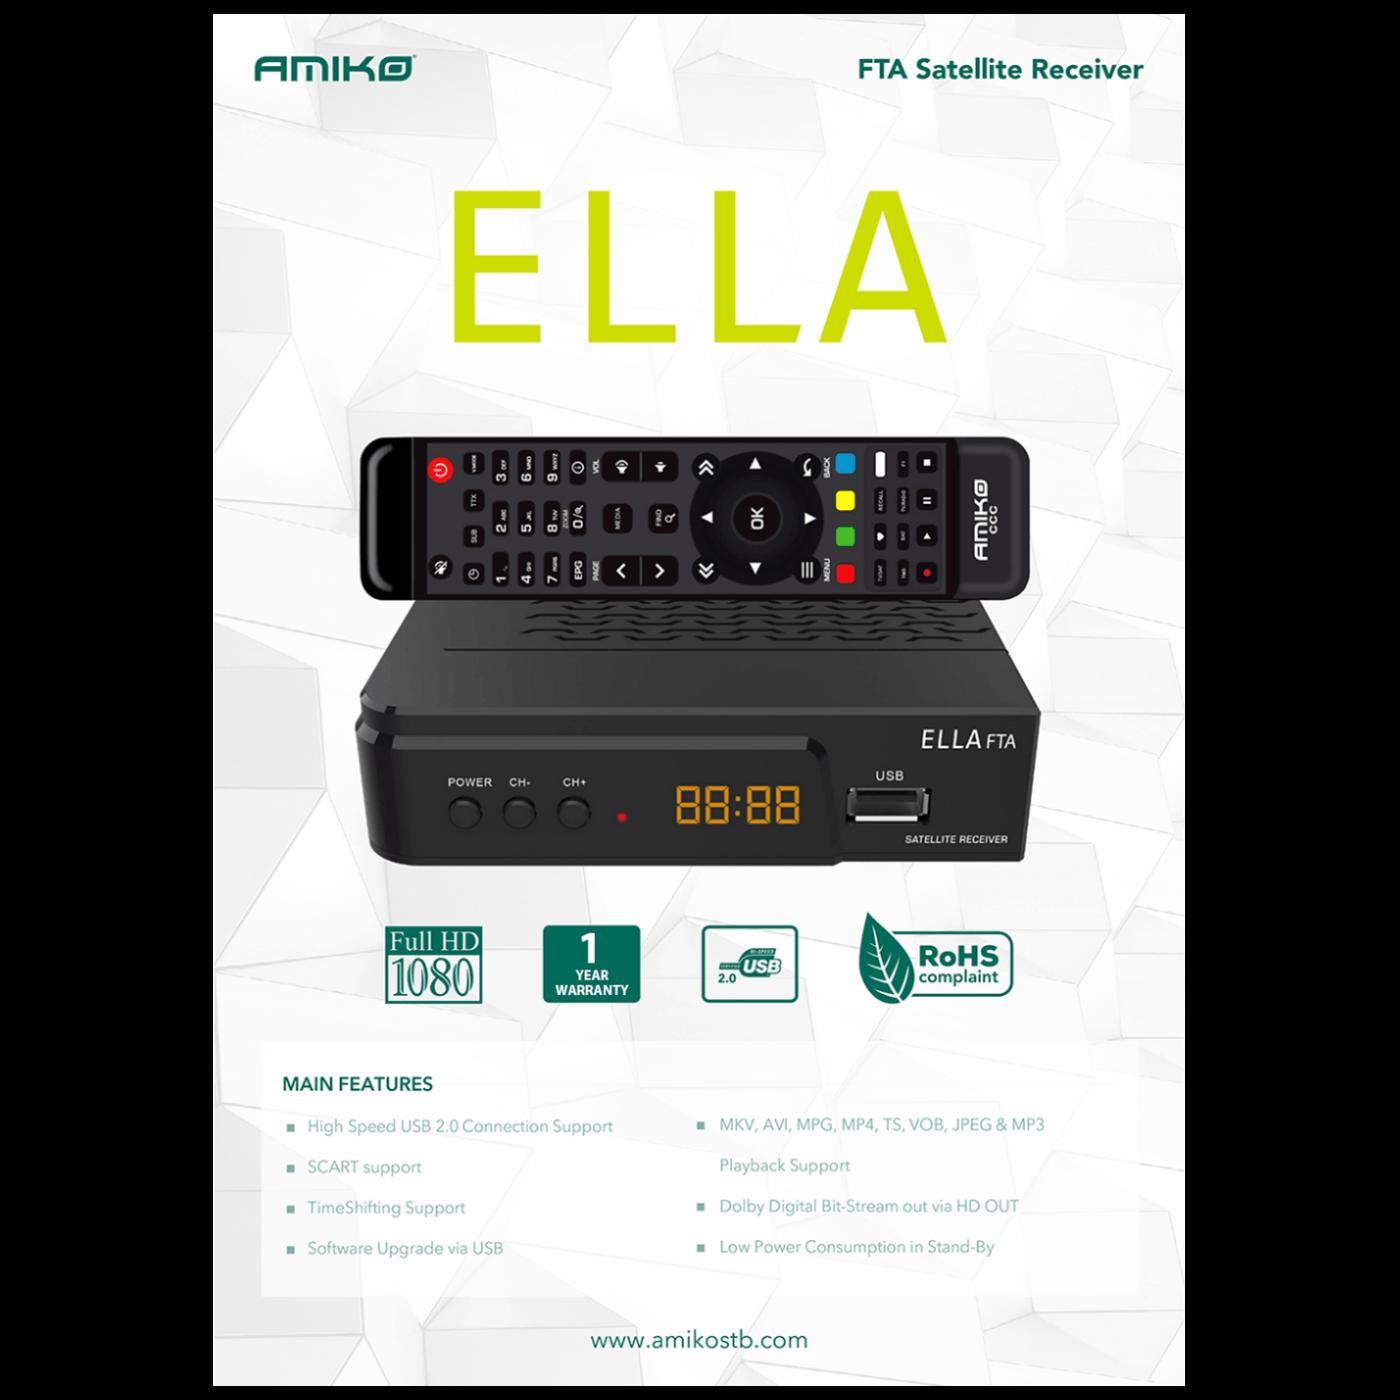 Prijemnik satelitski, DVB-S/S2, FTA, Full HD, H.265